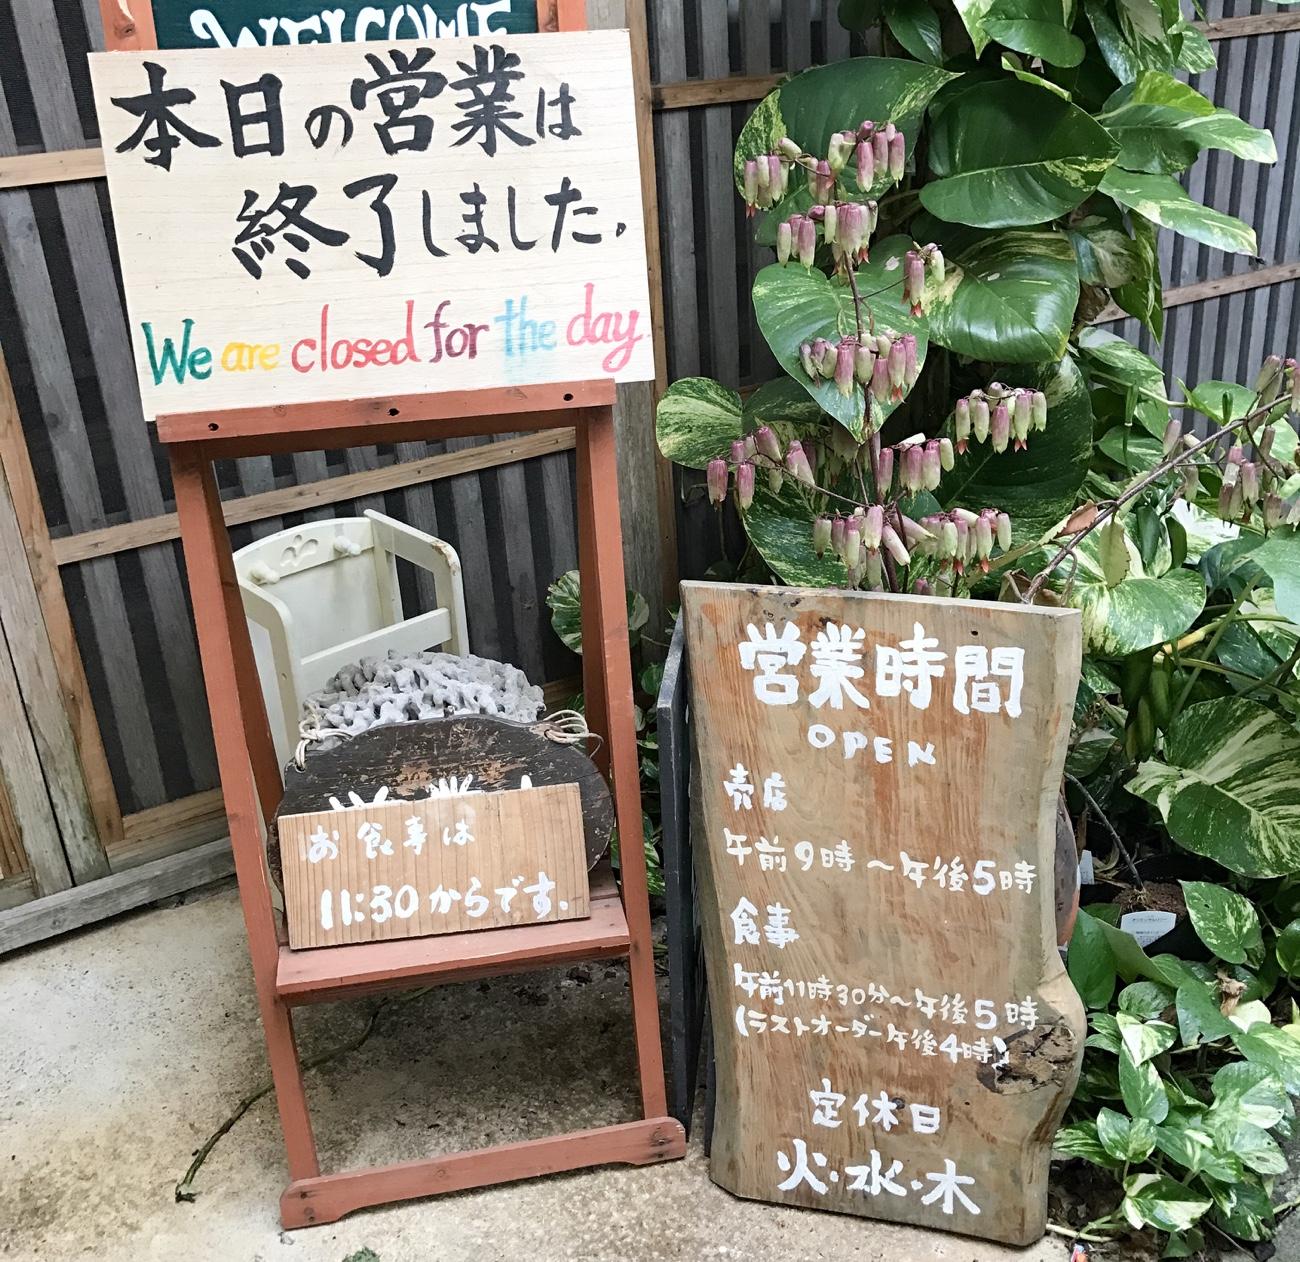 大宜味村ランチ 笑味の店 営業時間